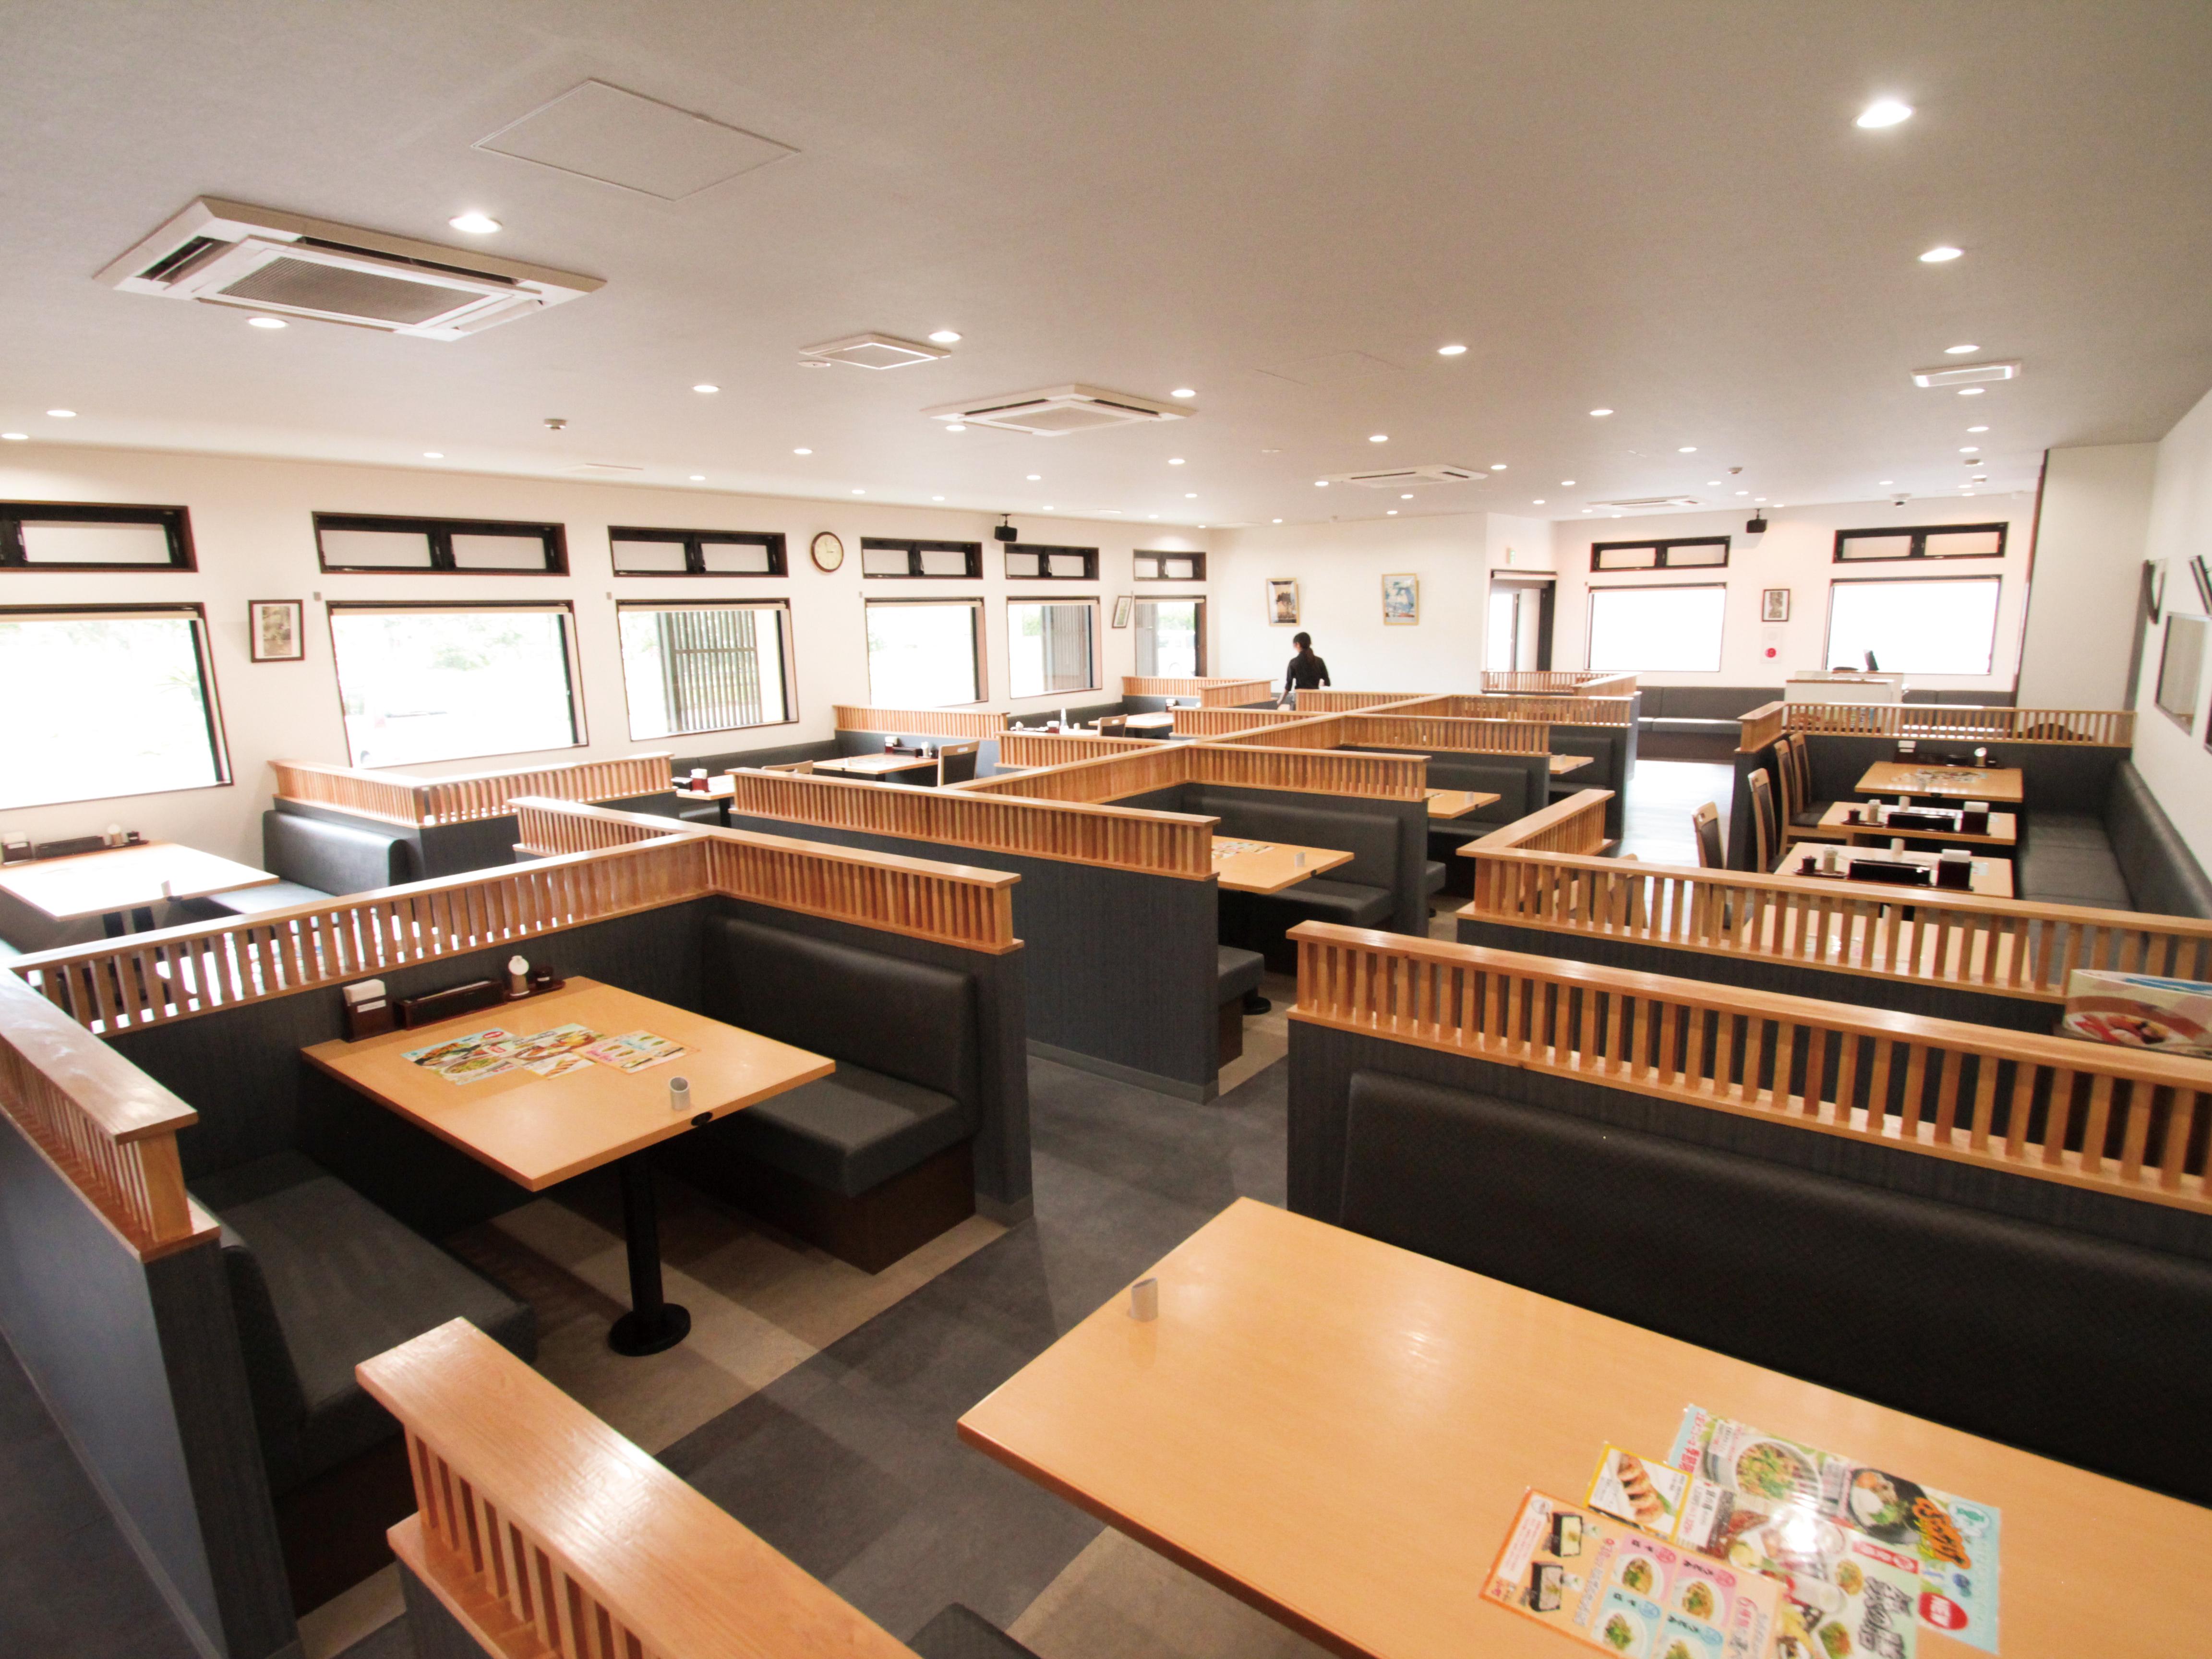 和食店のホールスタッフ!空いている時間を活用して働きませんか?